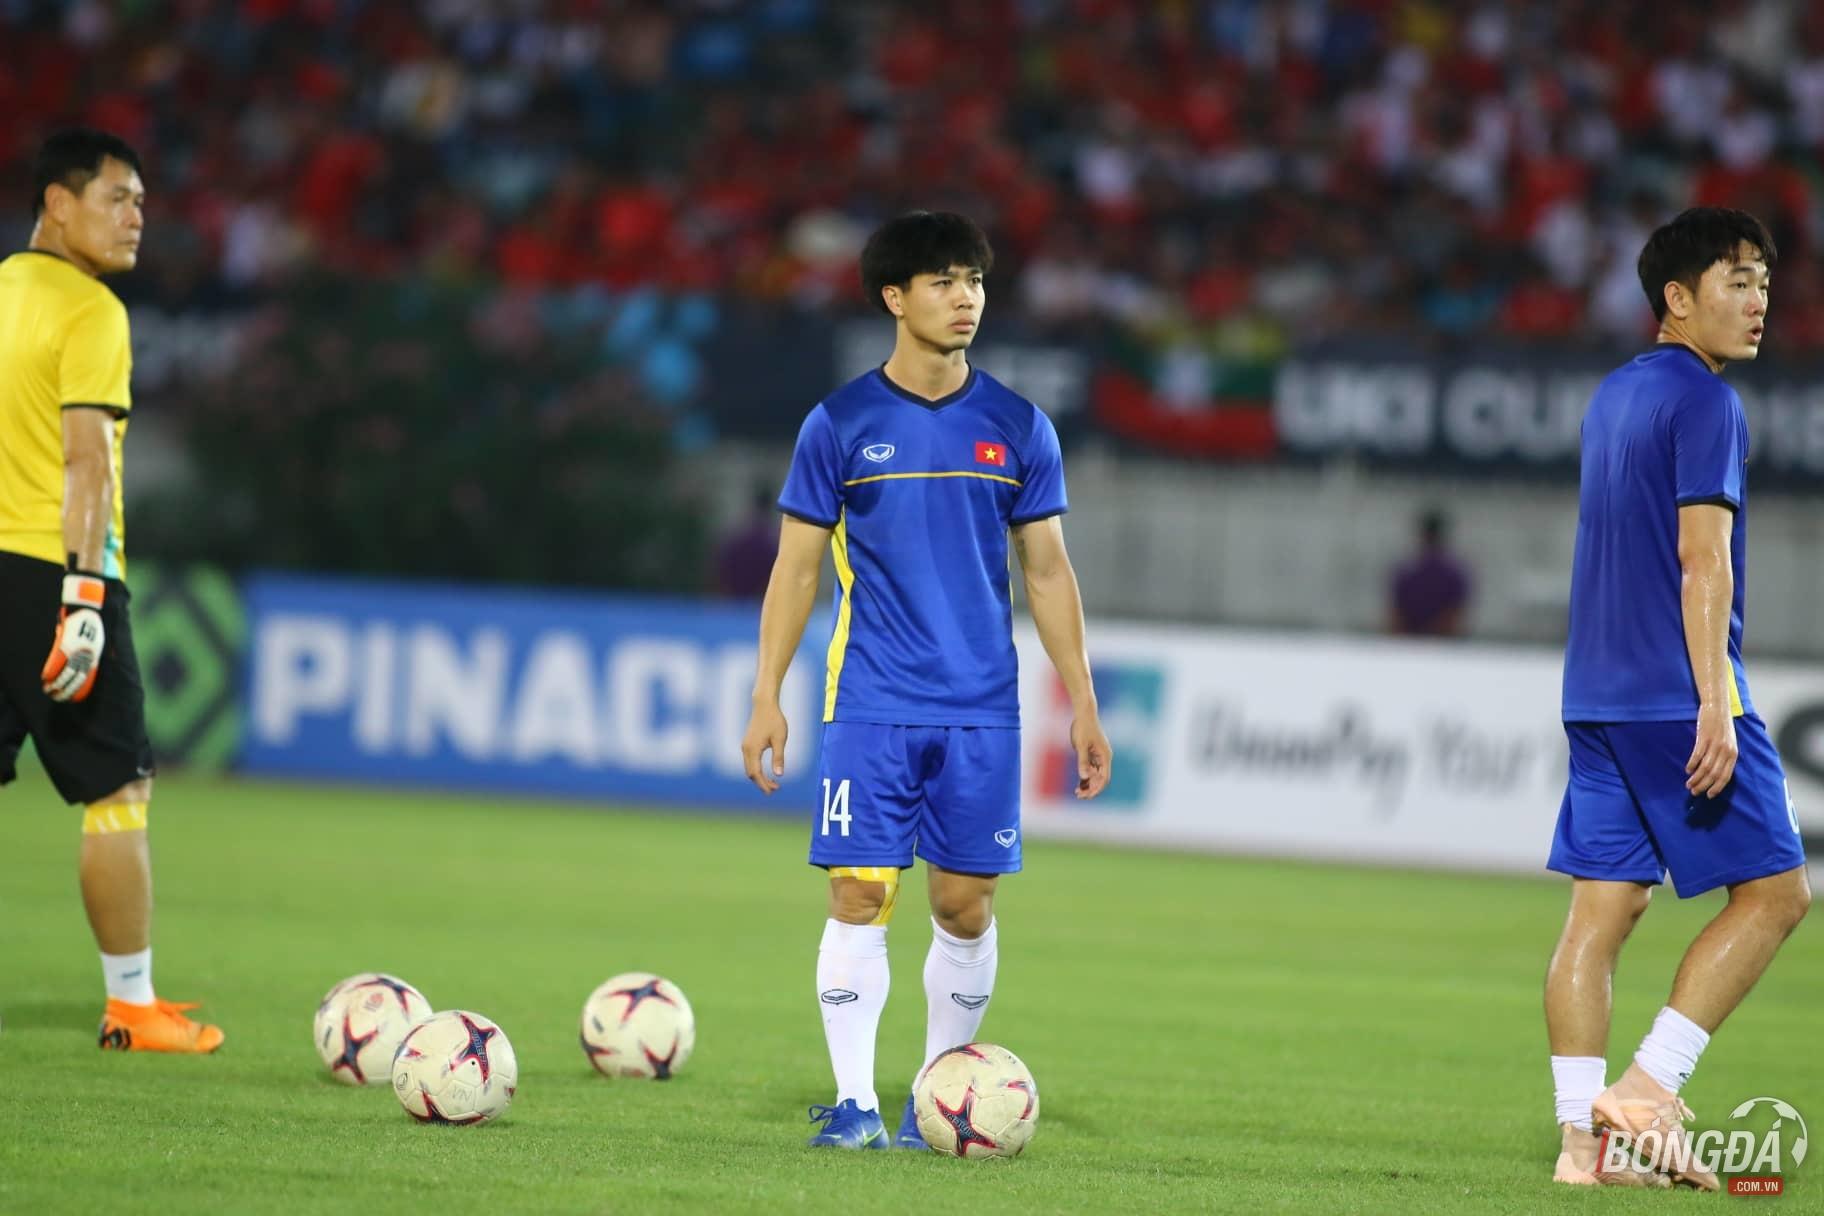 TRỰC TIẾP ĐT Myanmar 0-0 ĐT Việt Nam: Văn Quyết trở lại đội hình chính - Bóng Đá